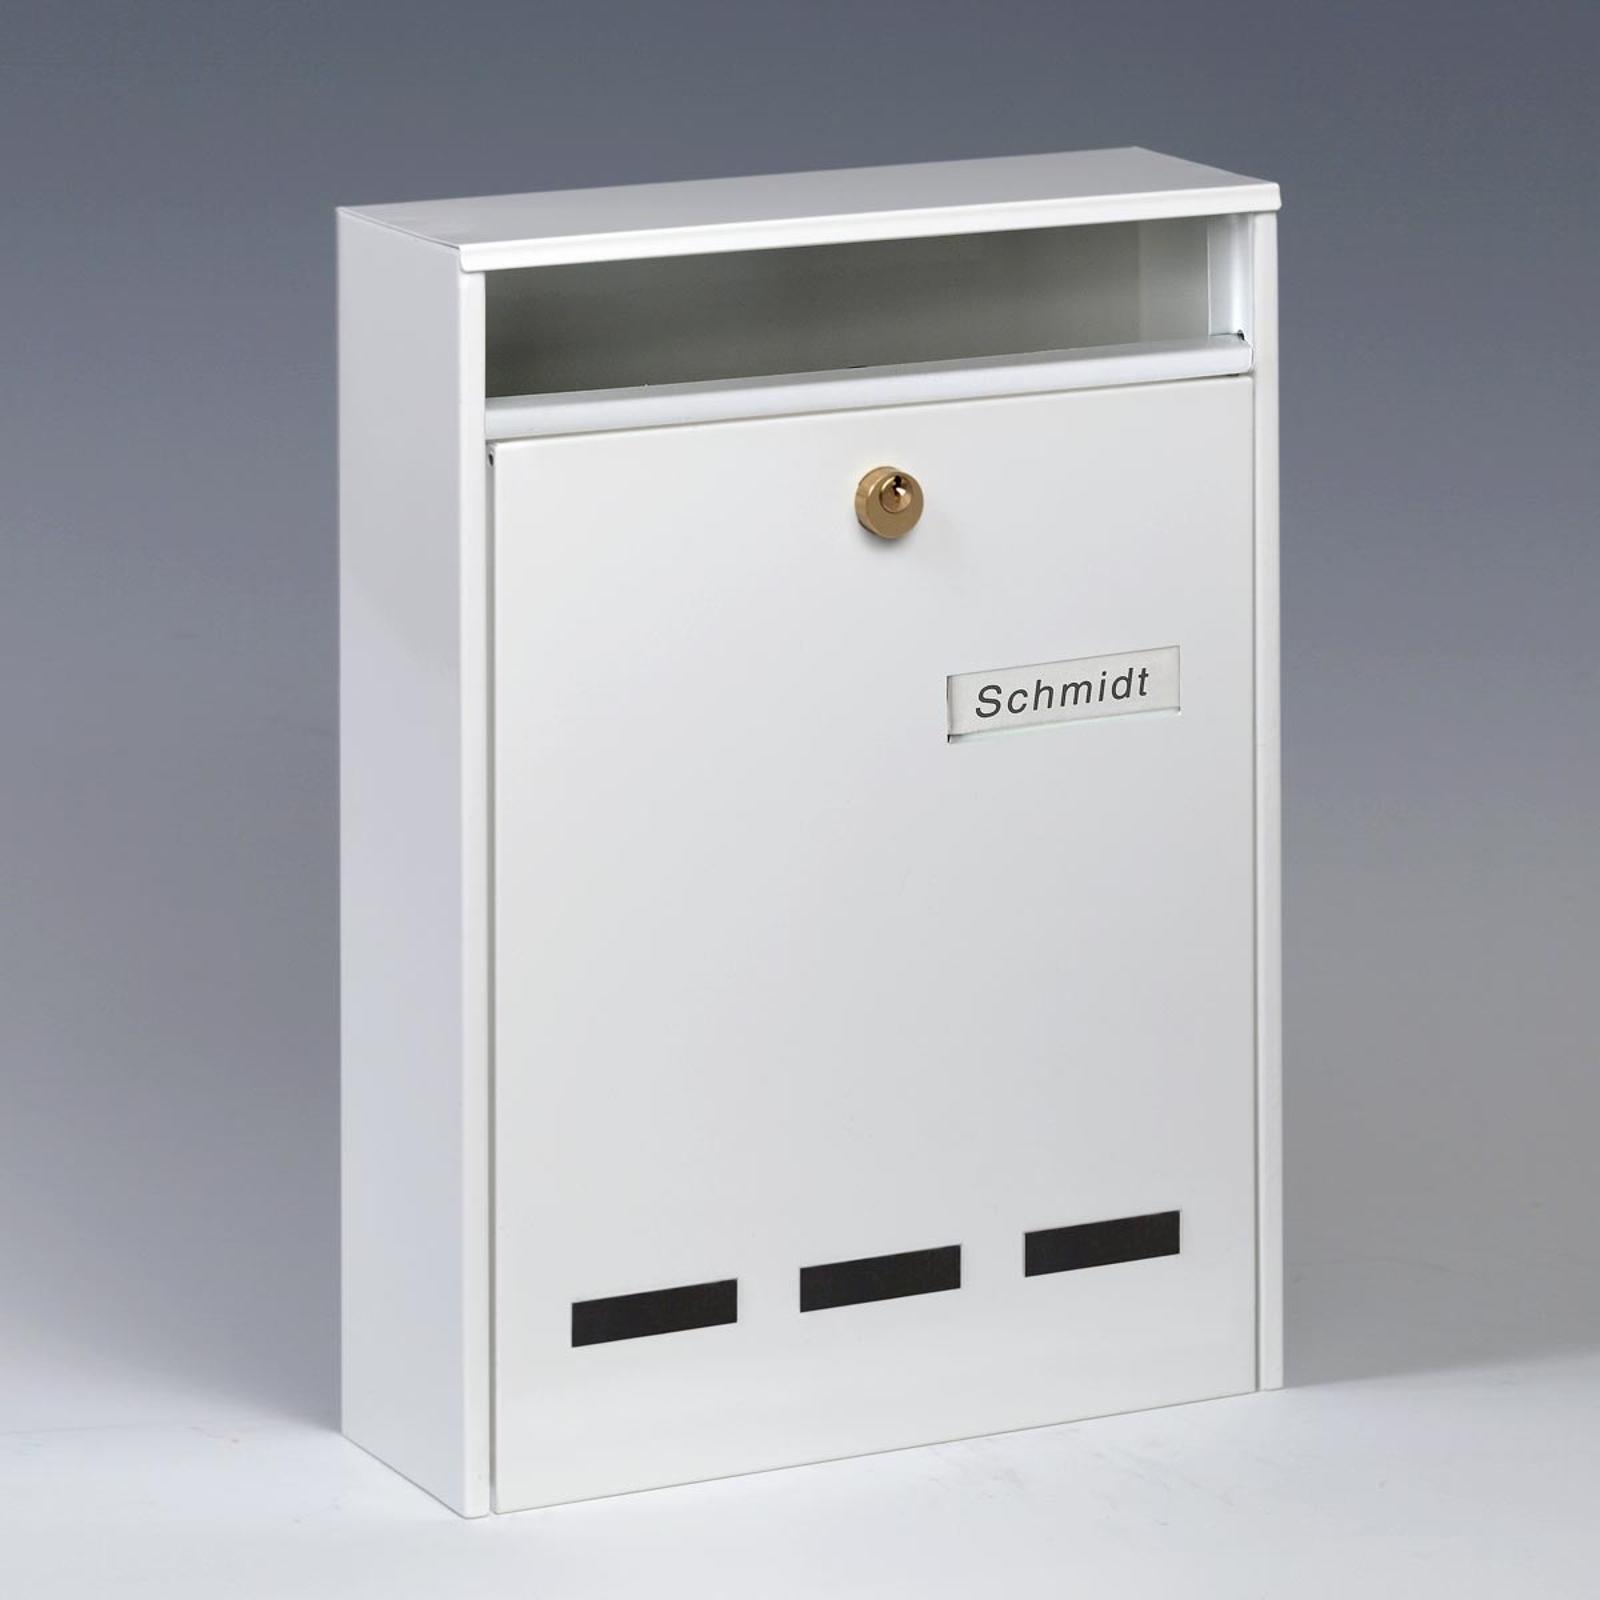 Skrzynka dostawna WISMAR DIN A4 biała